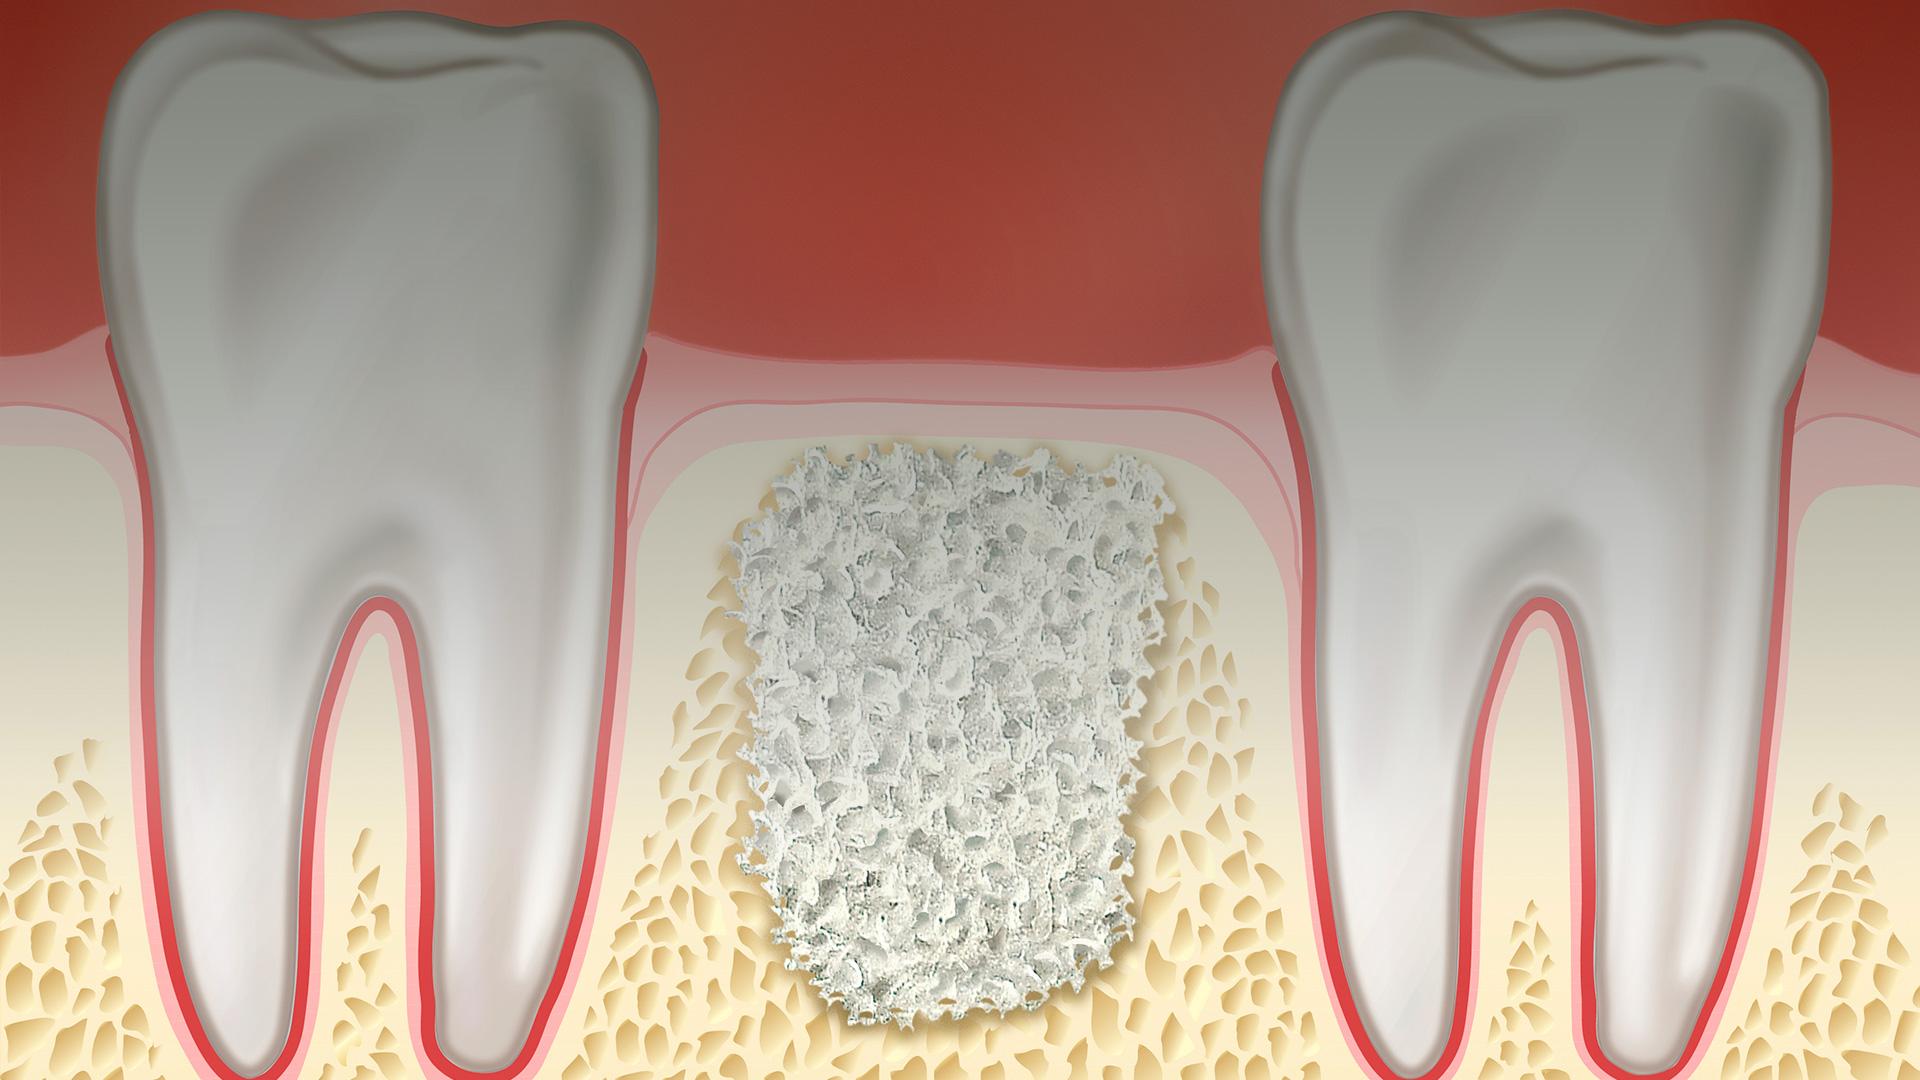 Implantes dentales con injertos óseos